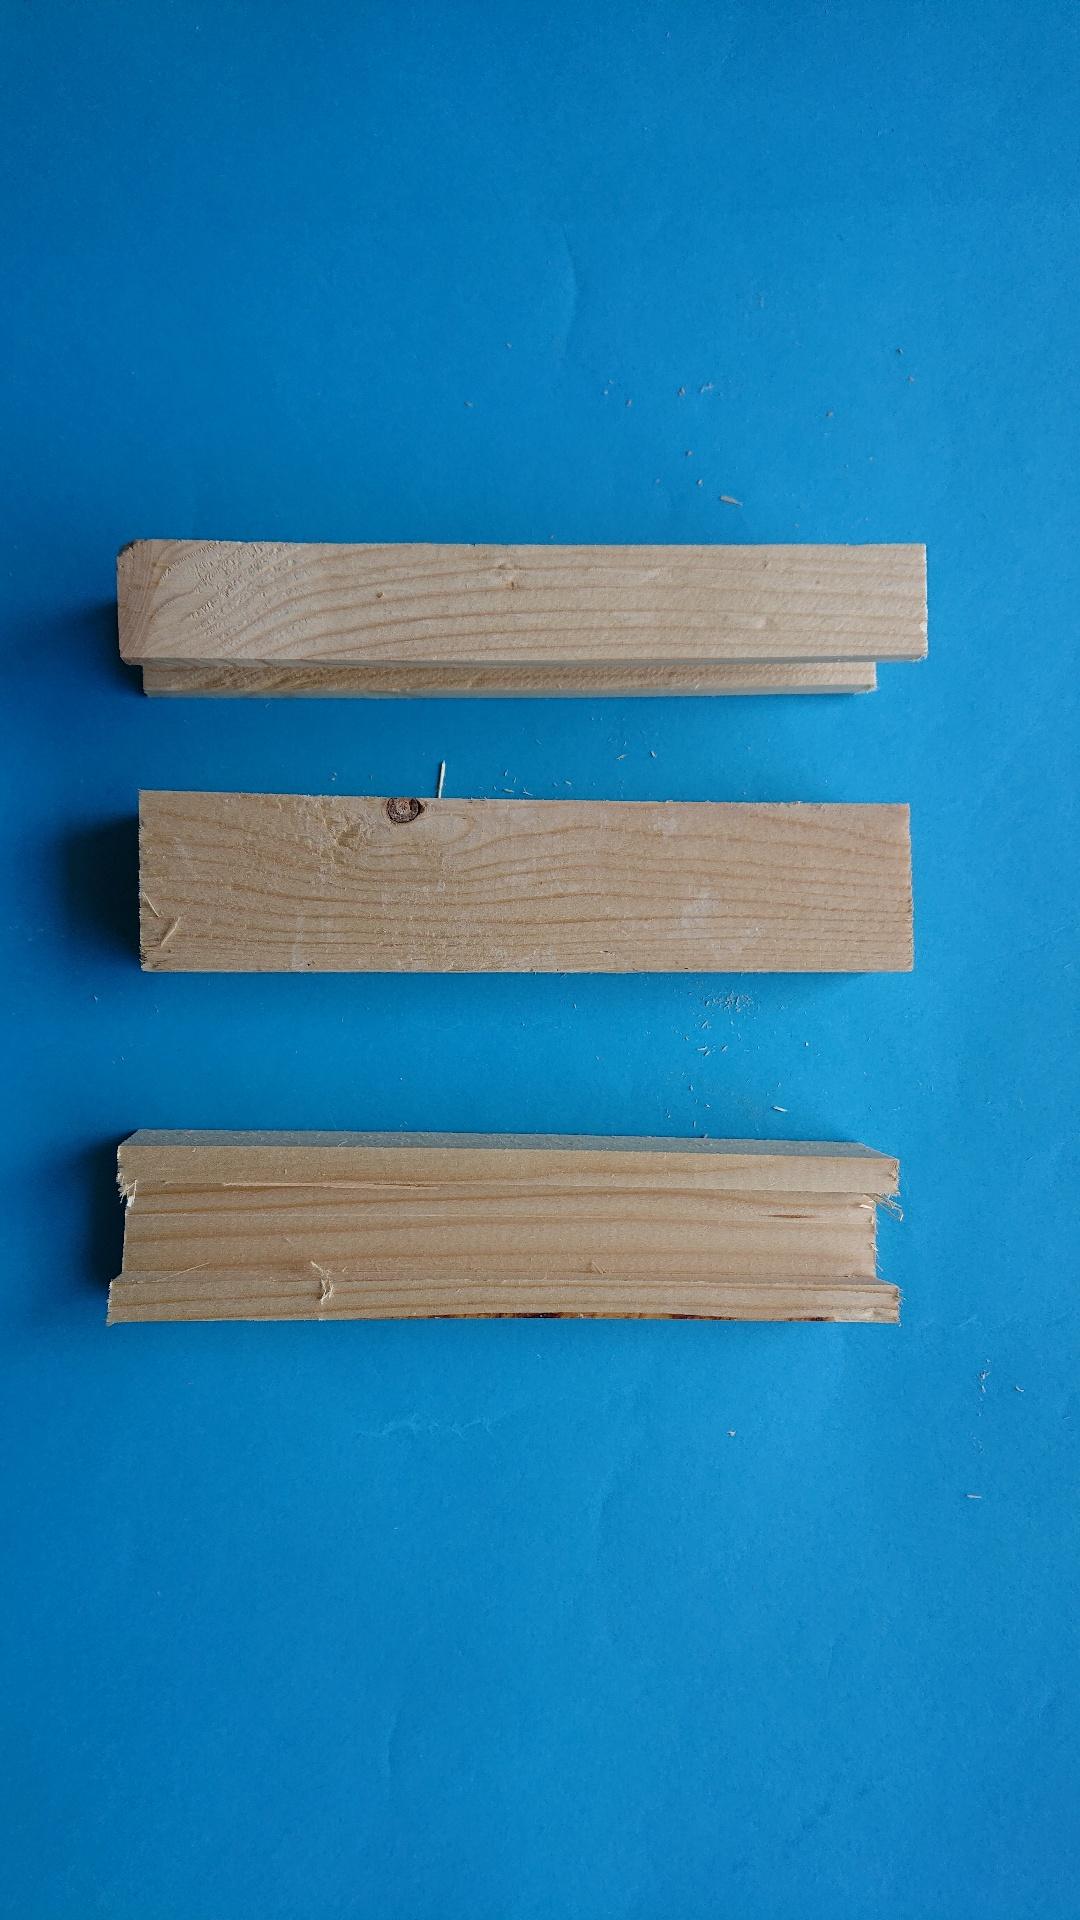 4. Balkje met inham 20 x 2.6 x 4.2 cm: 0.30 euro